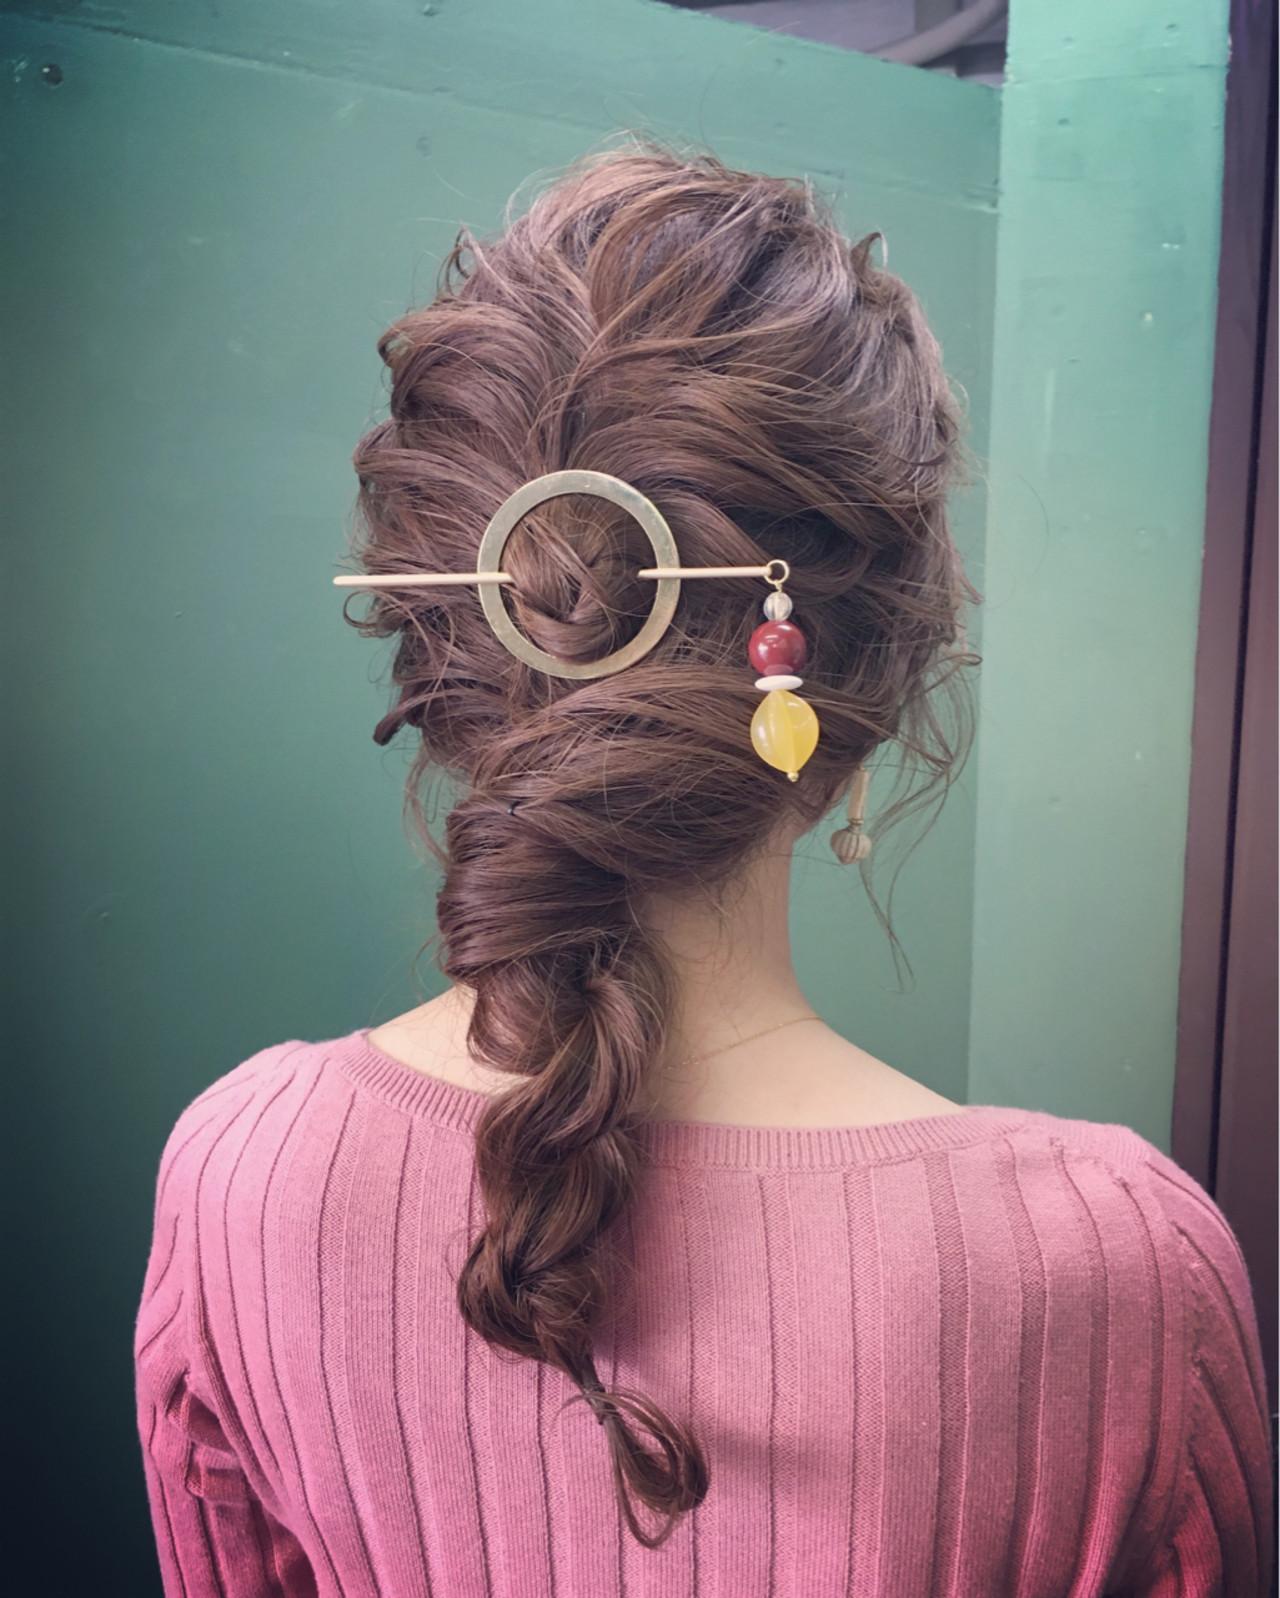 マジェステ ショート ミディアム 簡単ヘアアレンジ ヘアスタイルや髪型の写真・画像